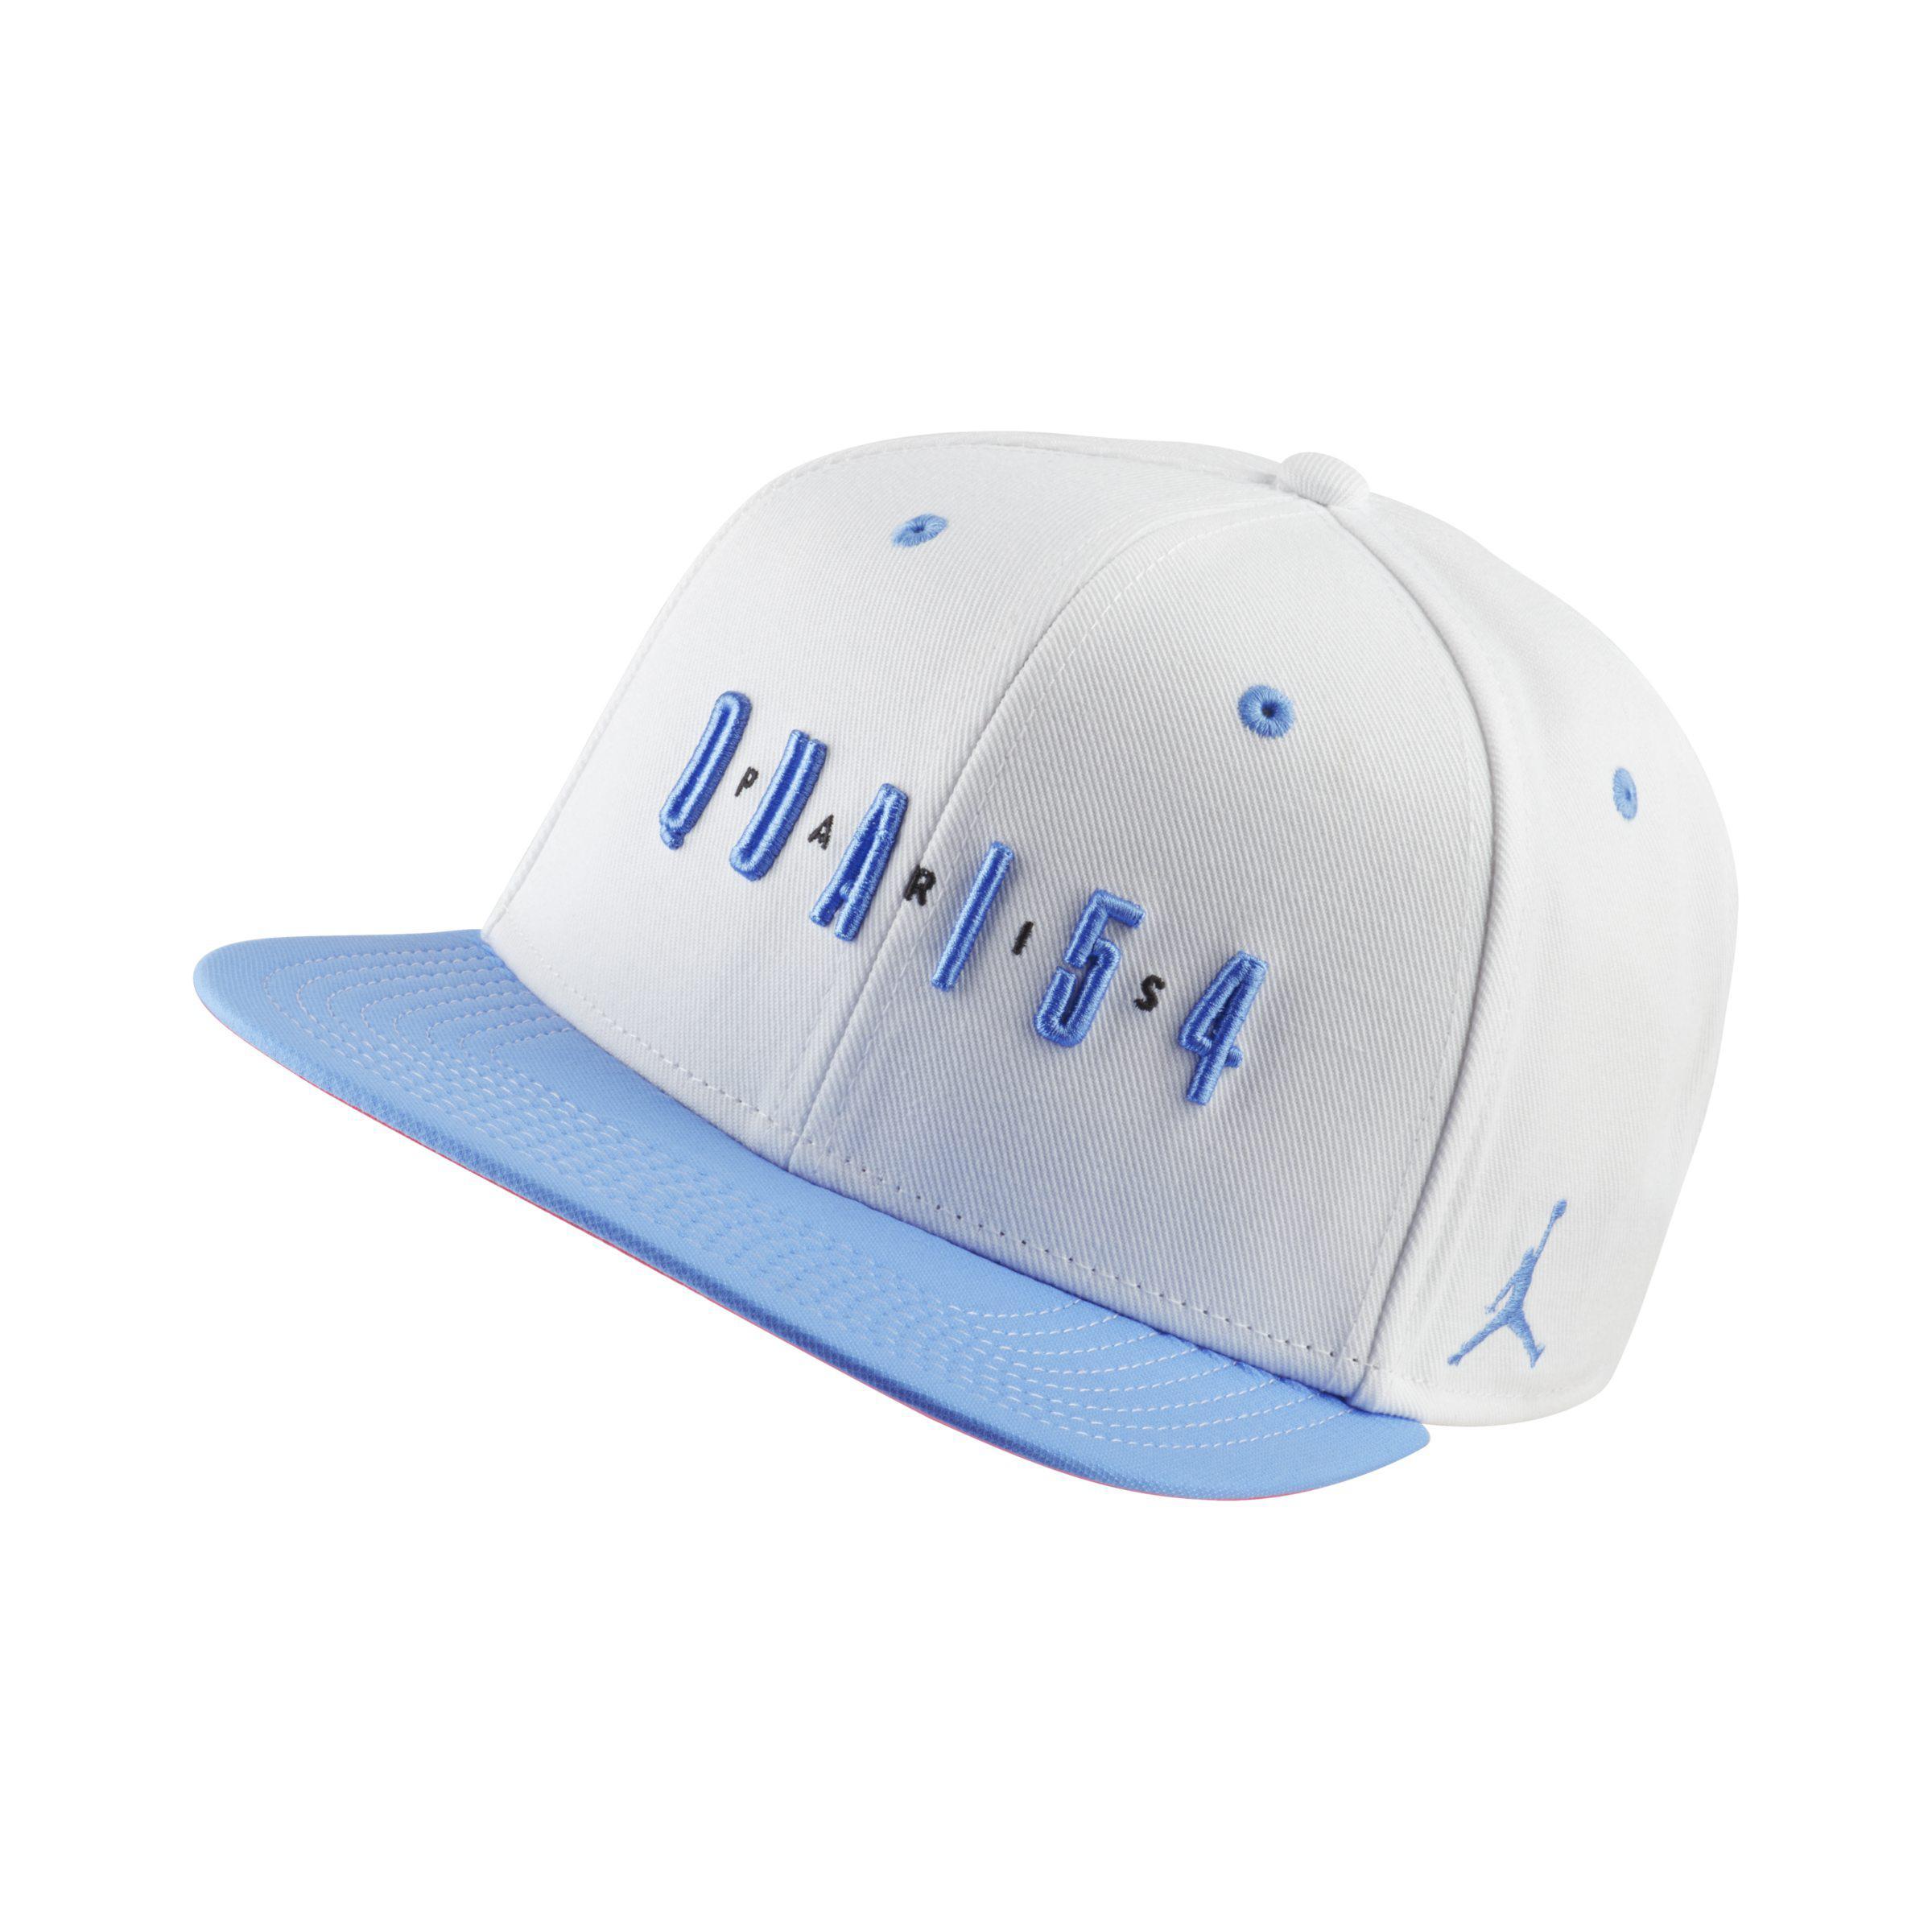 a8f318452dd Nike Jordan Quai 54 Snapback Adjustable Hat in White - Lyst